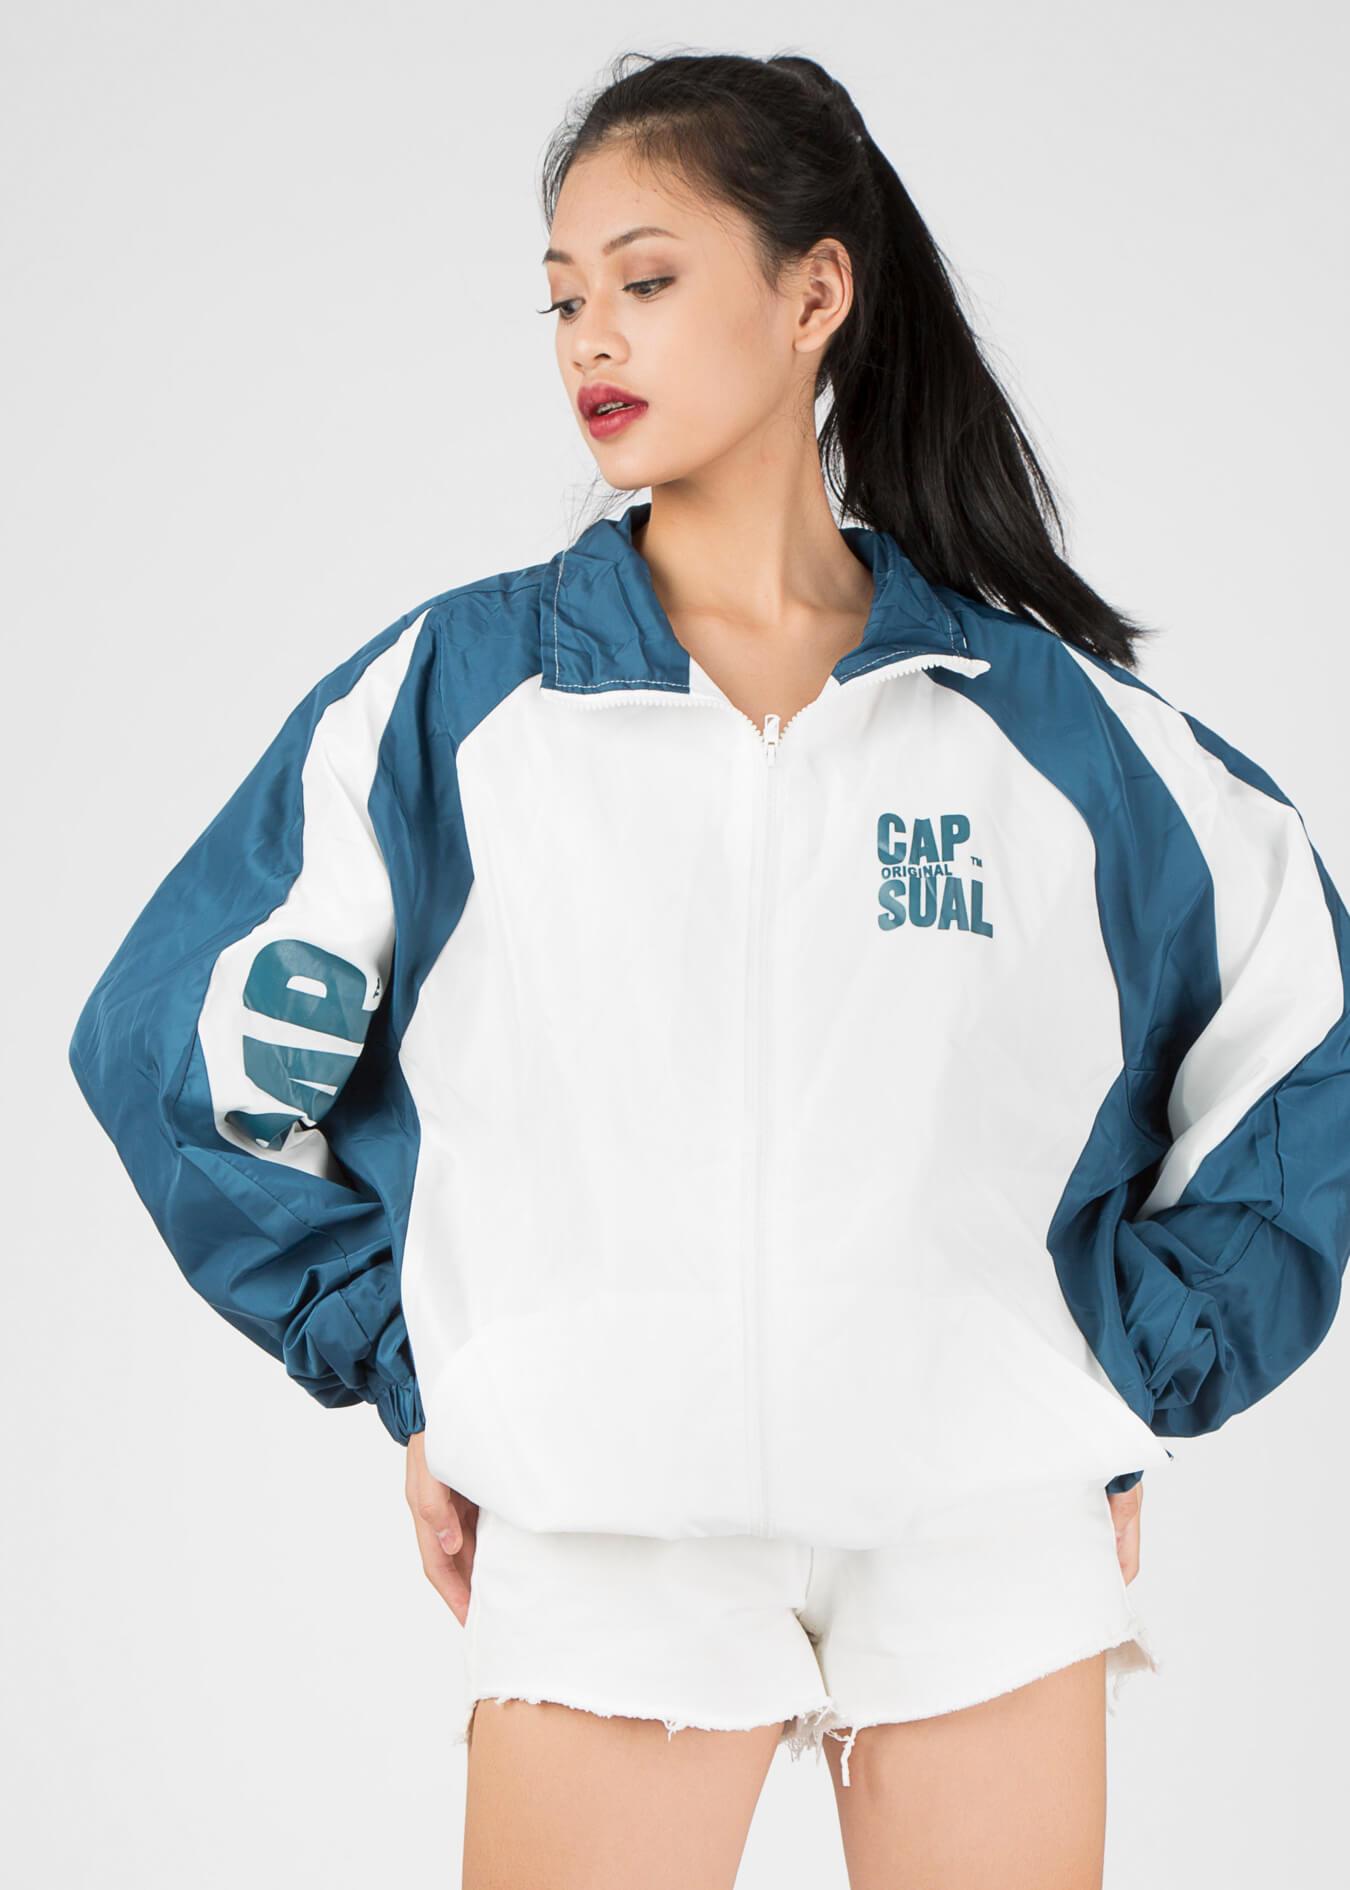 Áo khoác gió - mẫu áo khoác chất bạn nên sở hữu